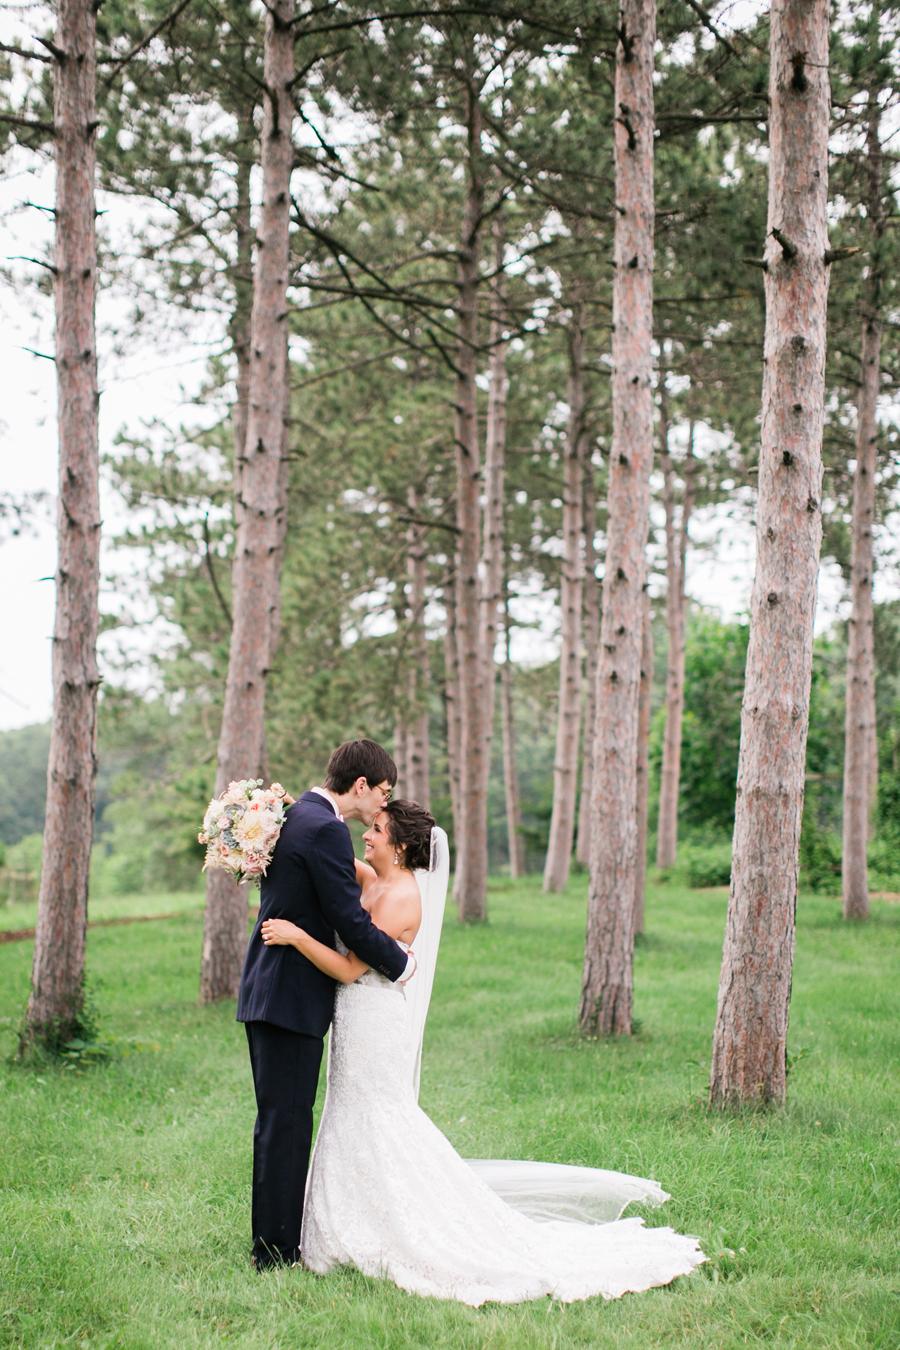 morton-arboretum-wedding-020